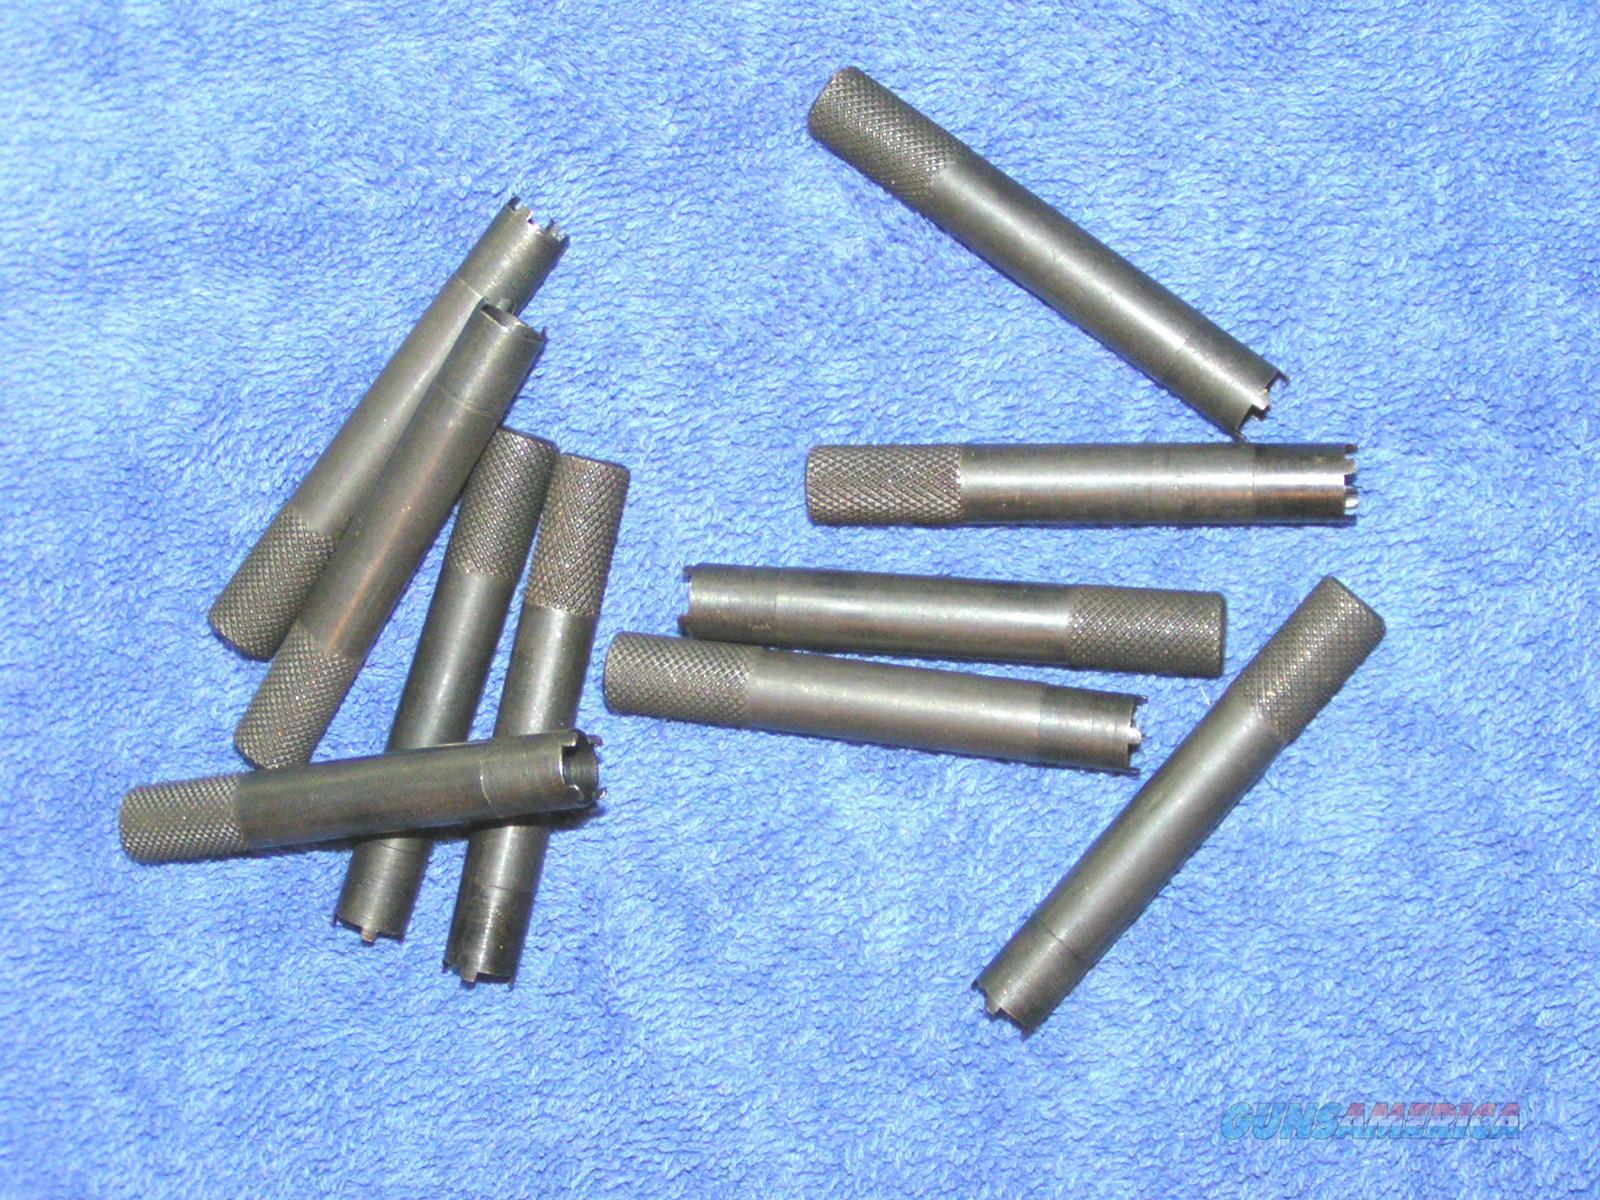 10 AR15 sight ajustment tools for A2 sight $29  Non-Guns > Gun Parts > M16-AR15